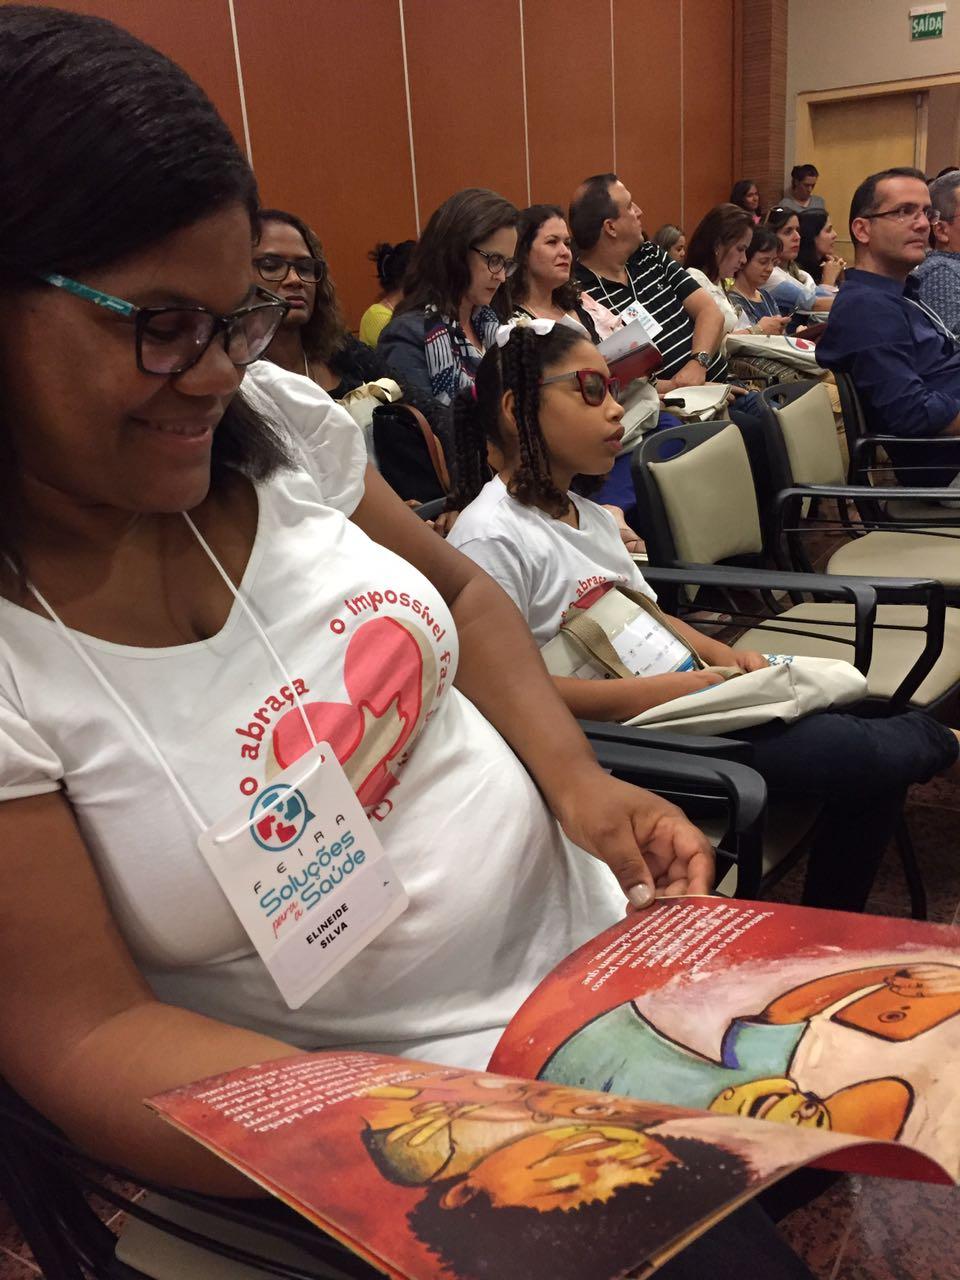 Abraço a Microcefalia lançamento de livro Salvador Bahia microcephaly BrazilFoundation